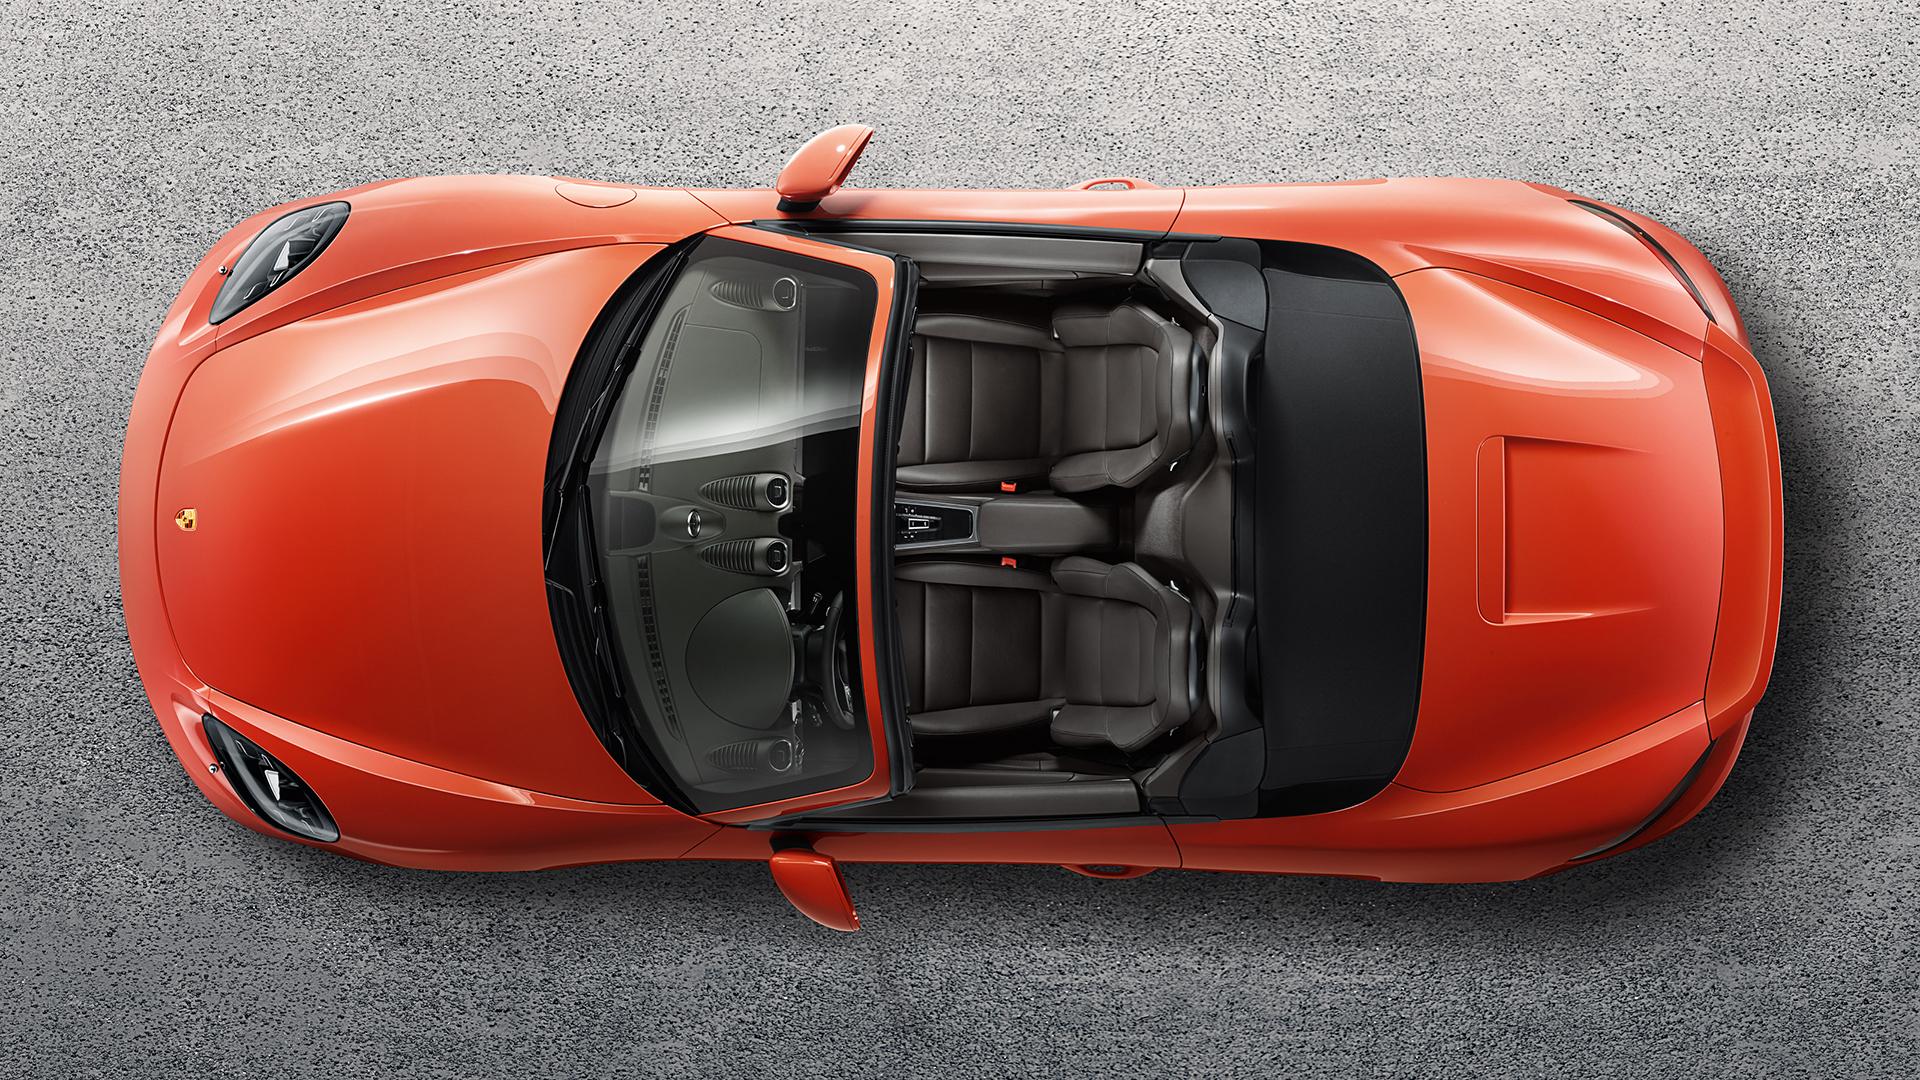 Porsche 718 Boxster S - 2016 - toit ouvert / top